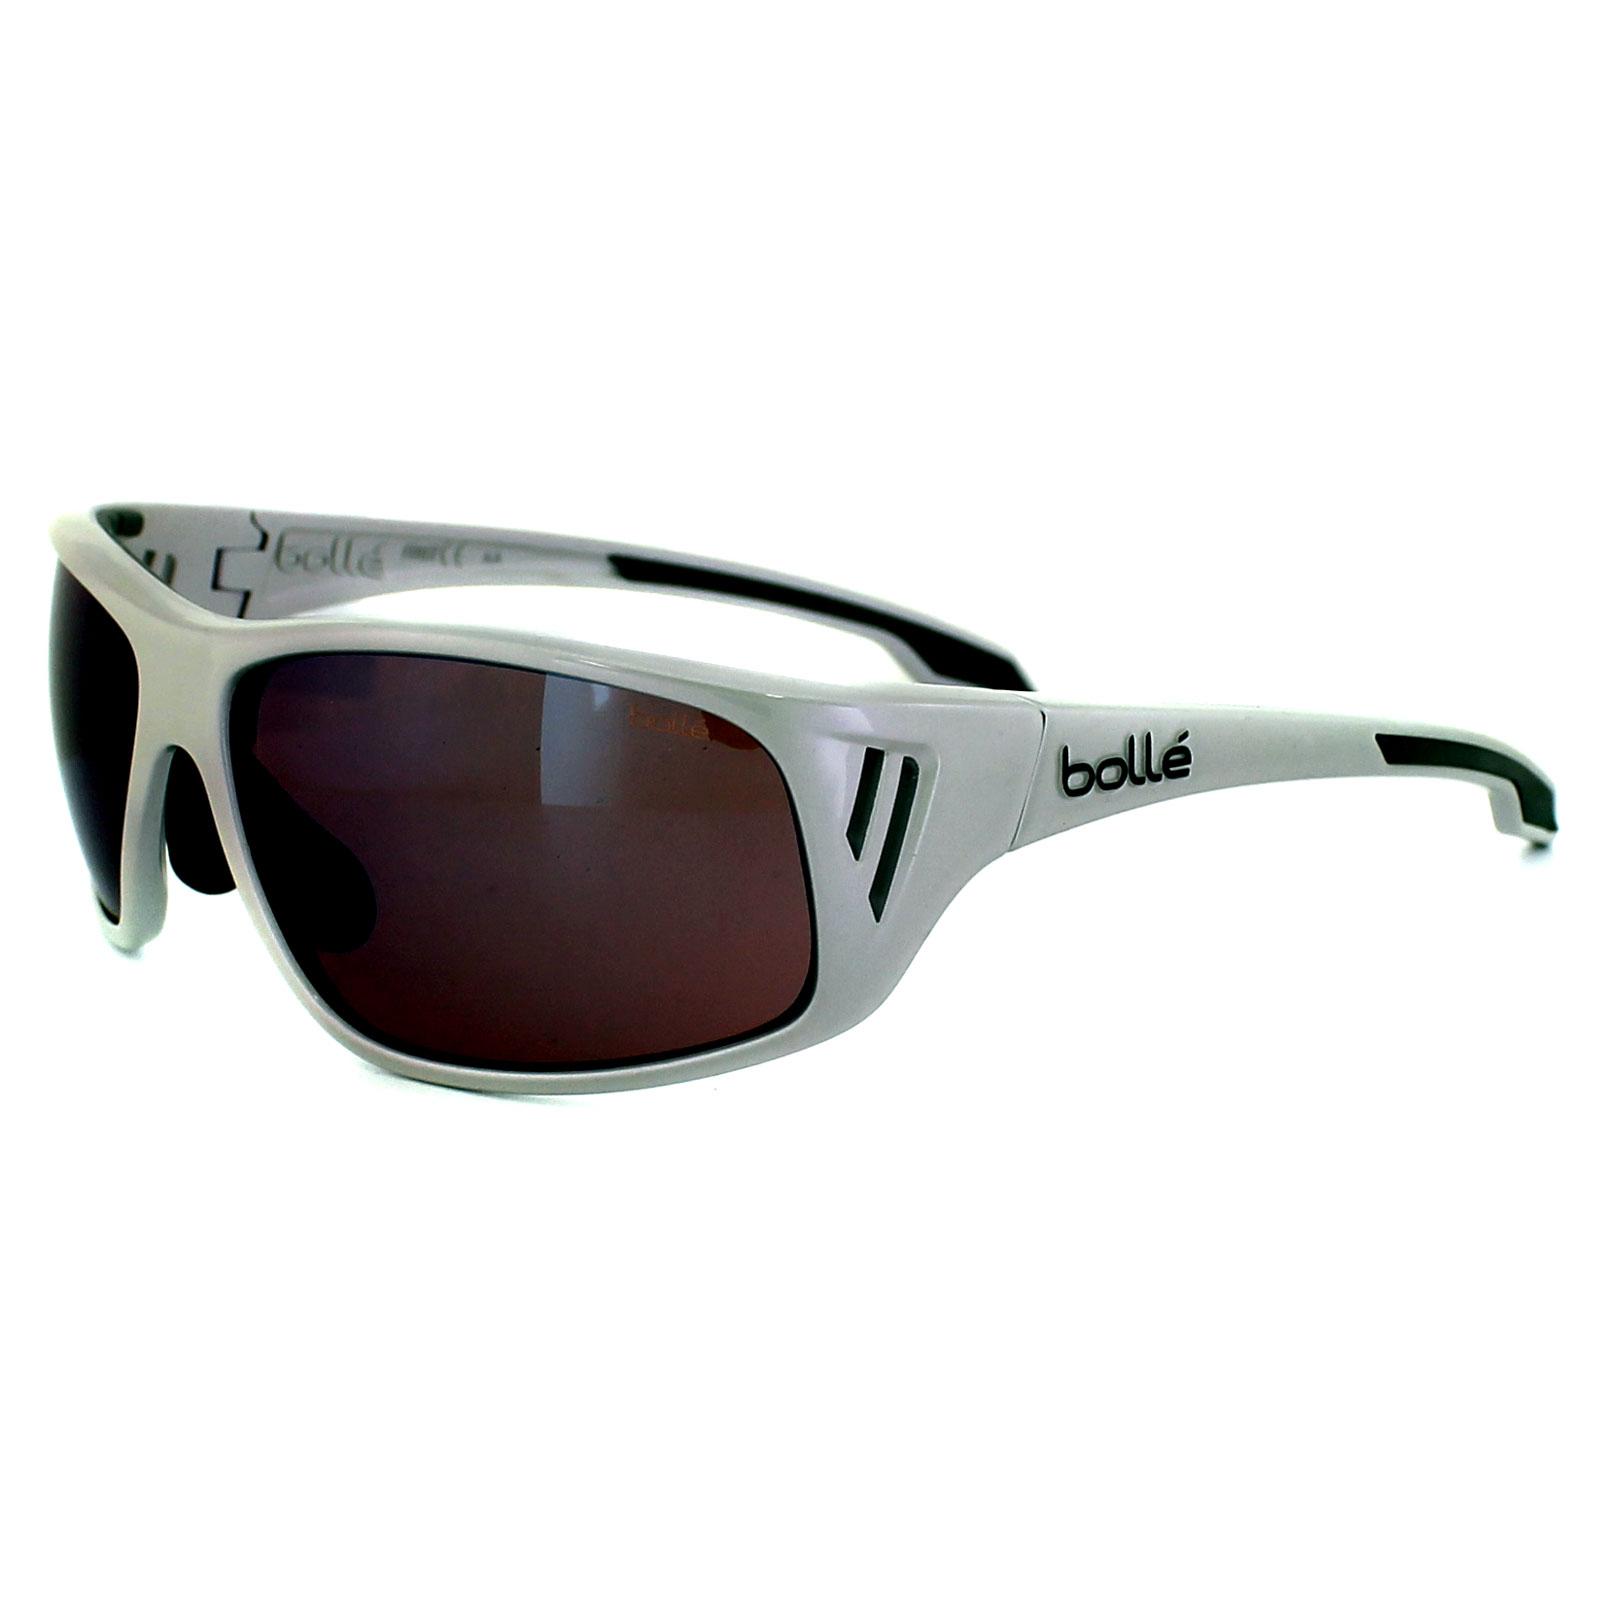 Espejo Gafas Azul Rosa Sol De 11551 Bolle Plata Rainier Holografico 1FTclKJ